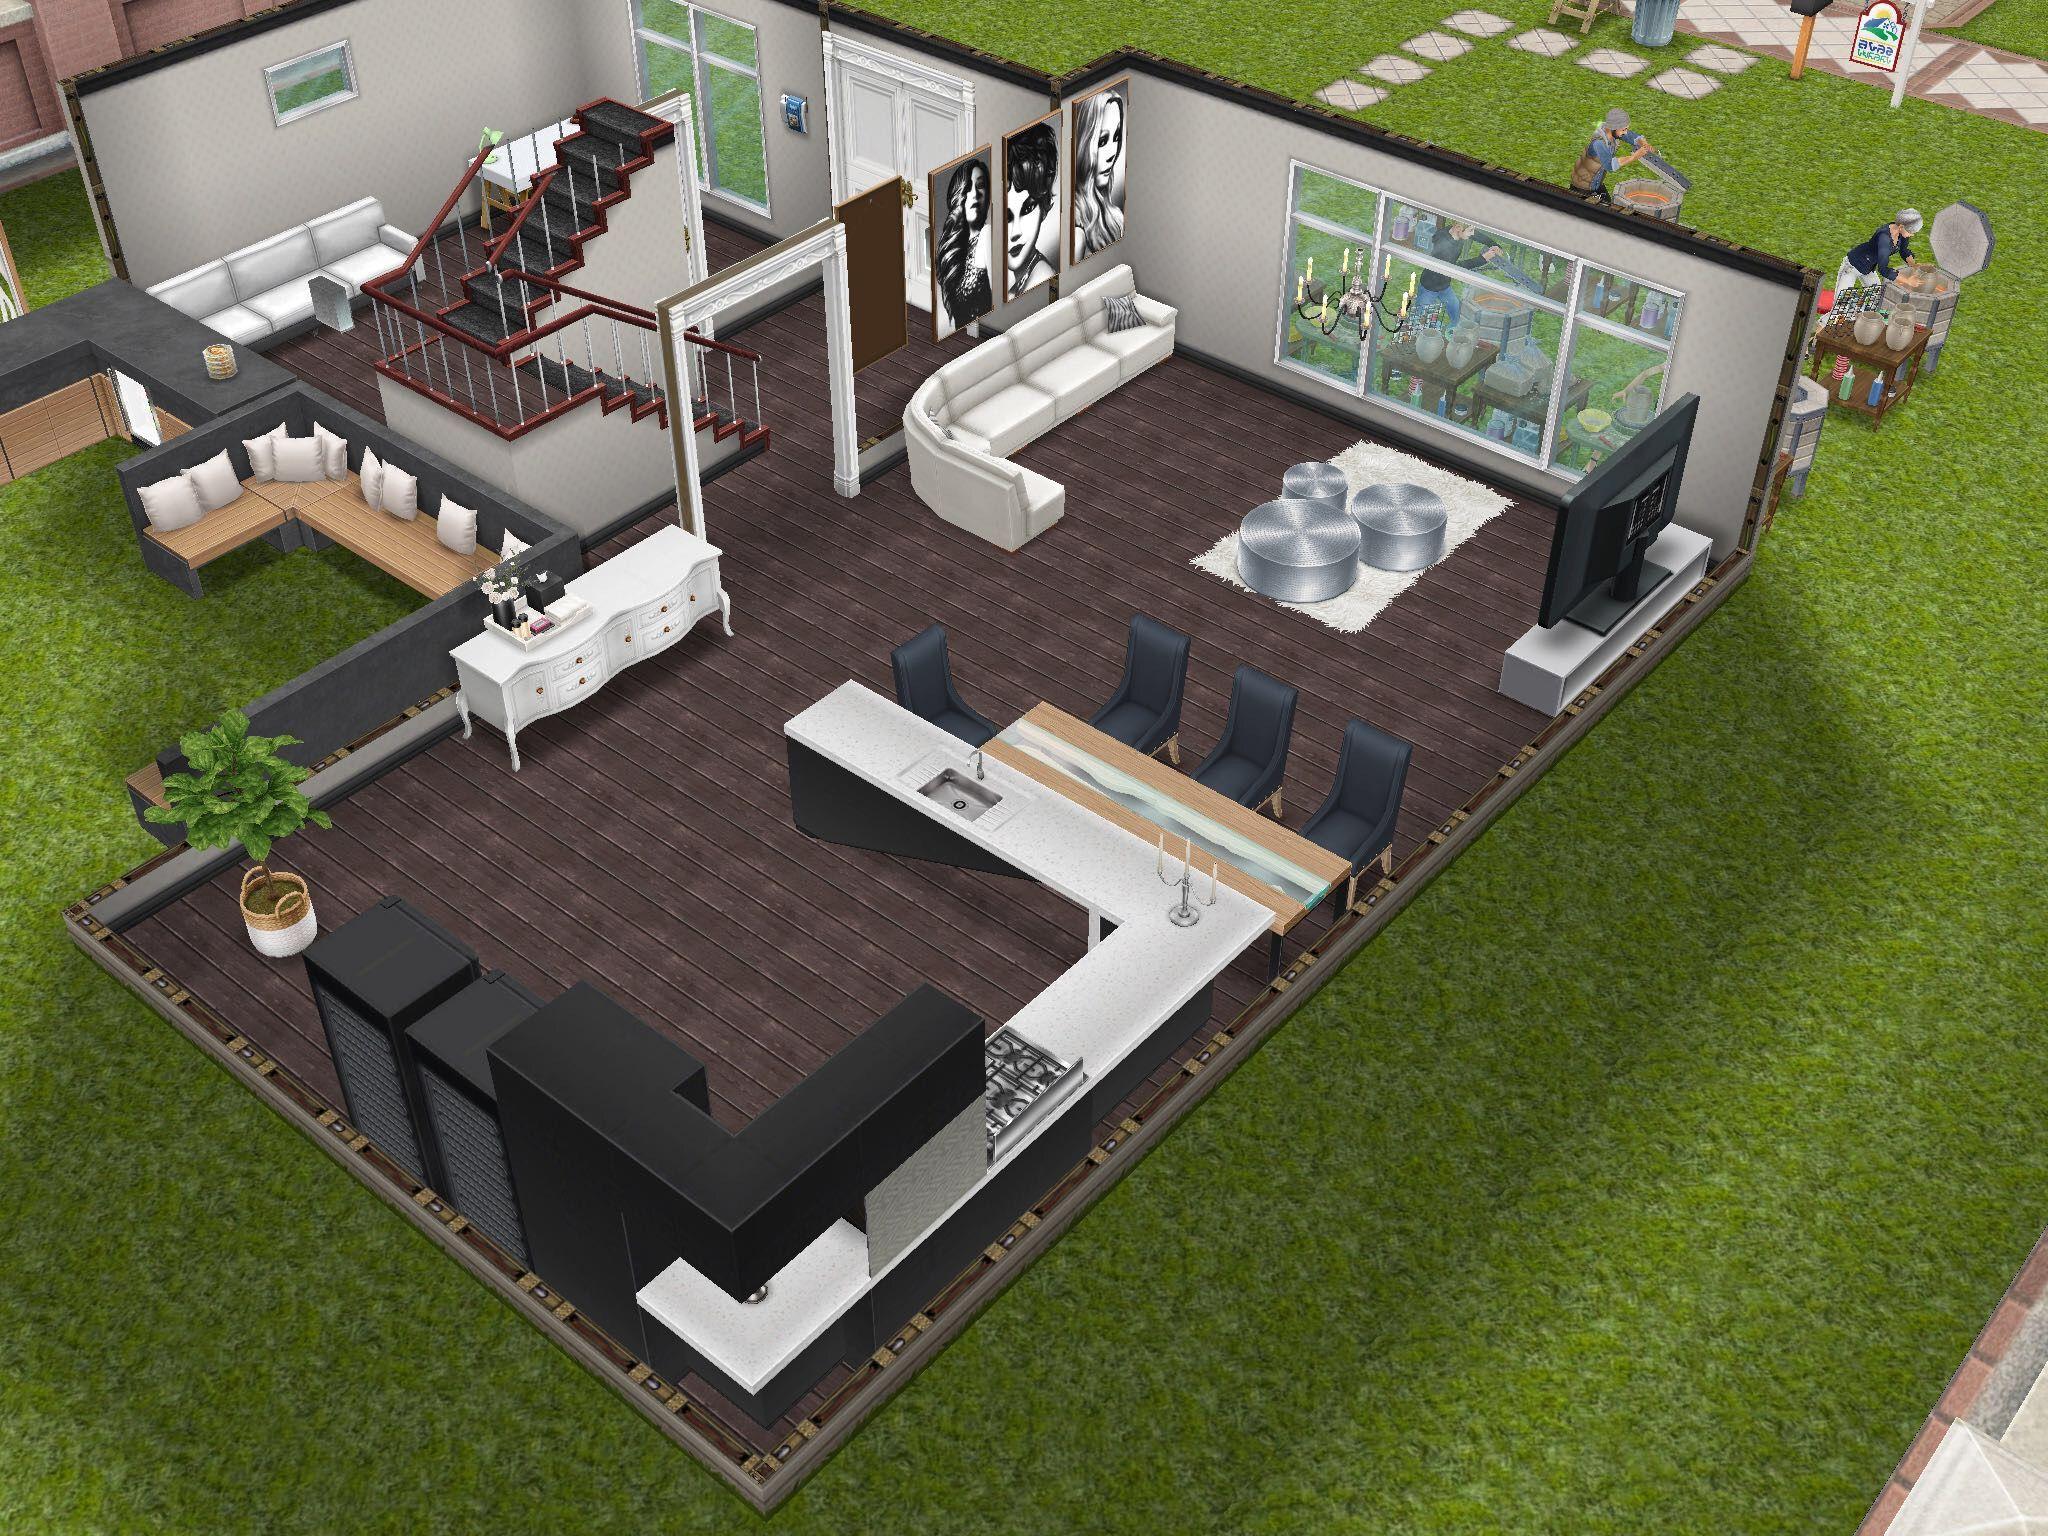 Epingle Par فاتي Sur Architecture Design Maison Couleurs Architecture Design Maison Architecture